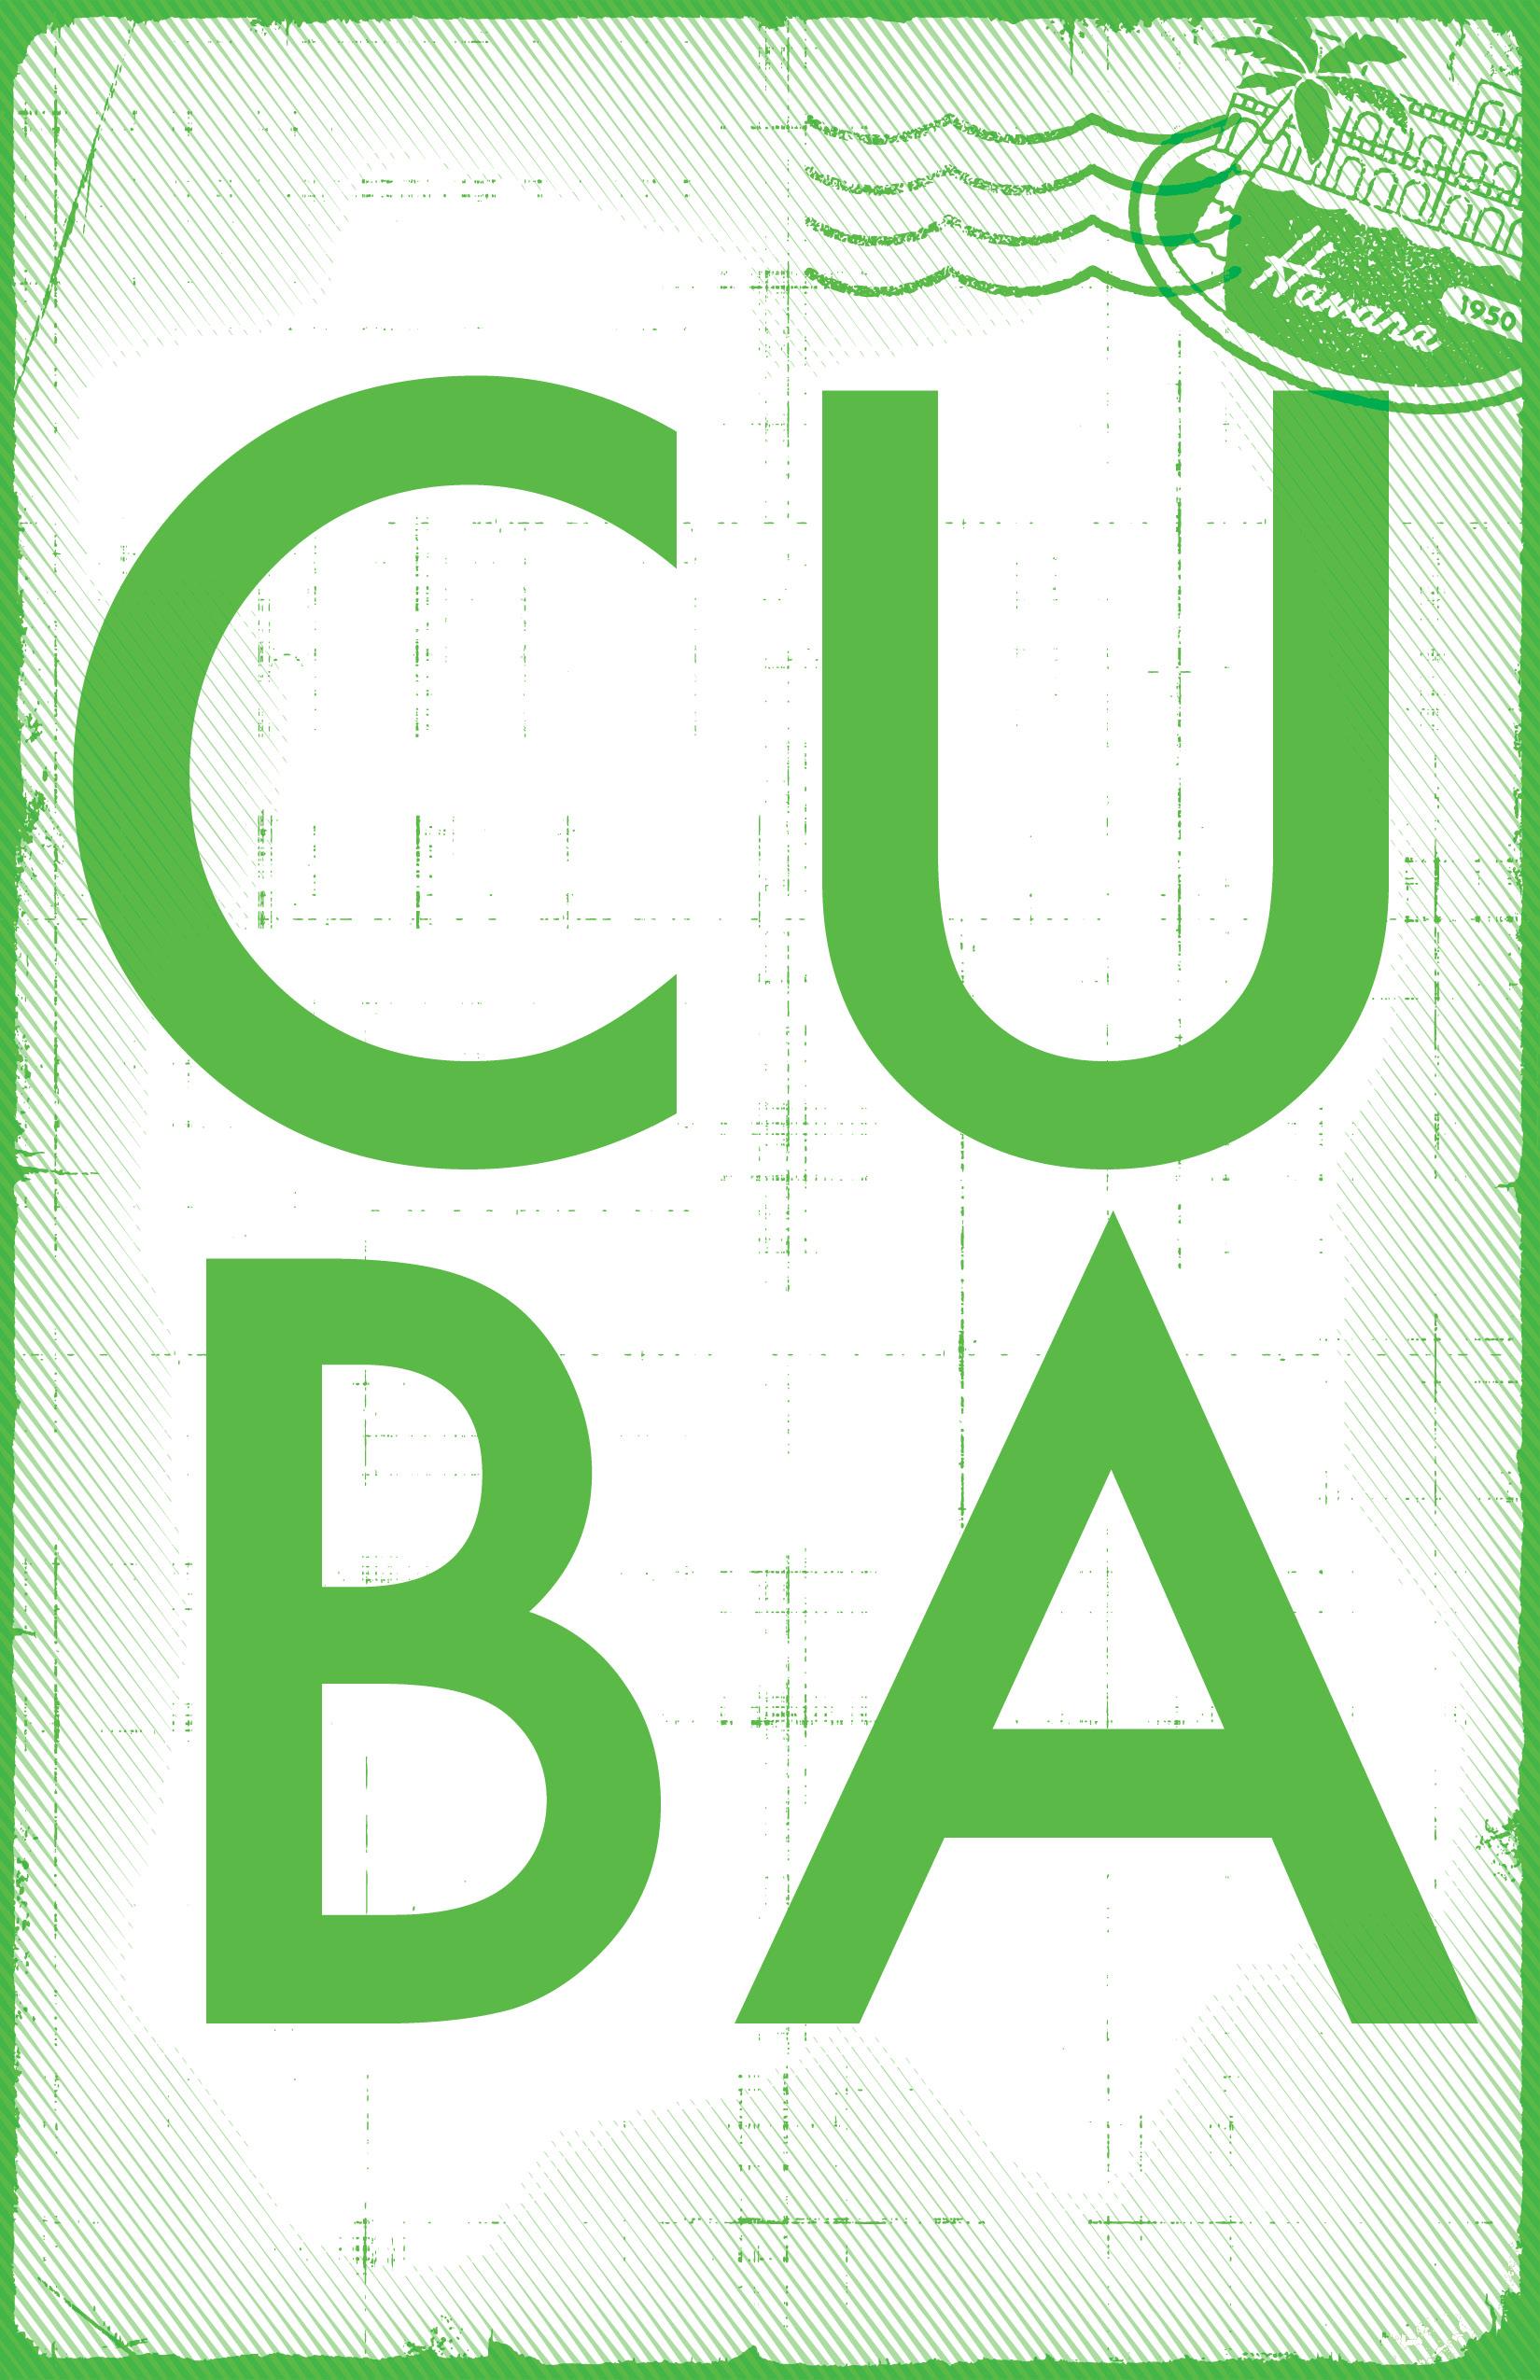 Havana-Wheat-Paste-Posters14.jpg